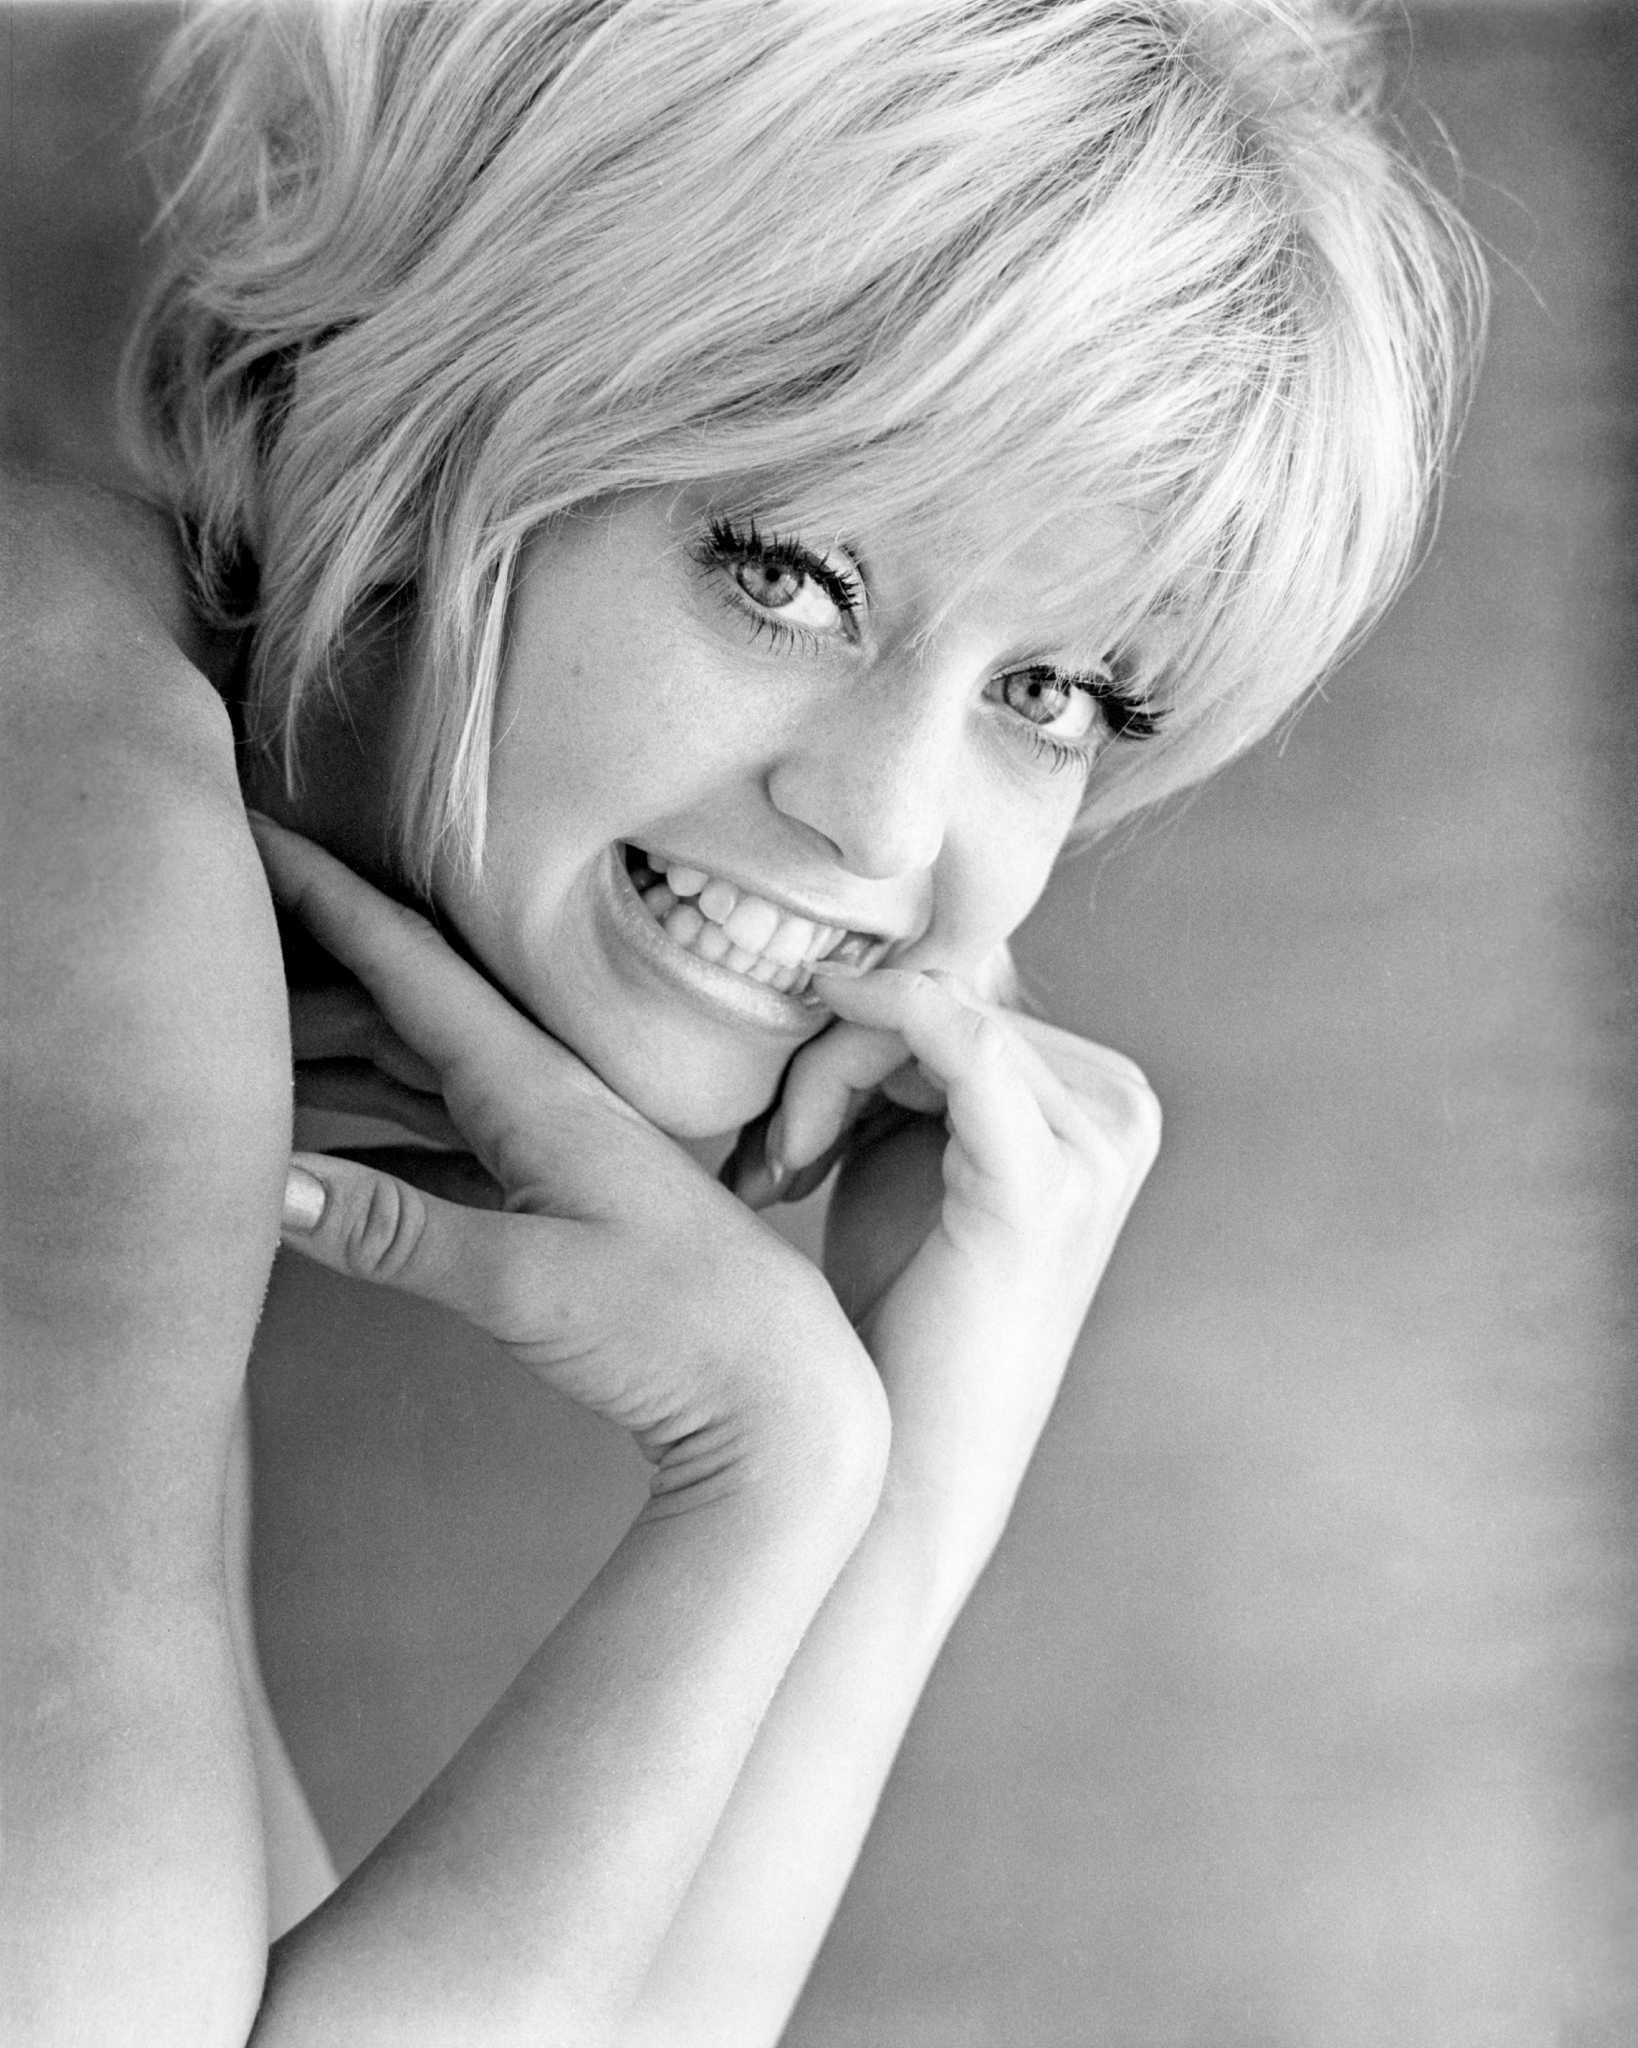 Goldie Hawn Celebrates Her 72nd Birthday Smile Still